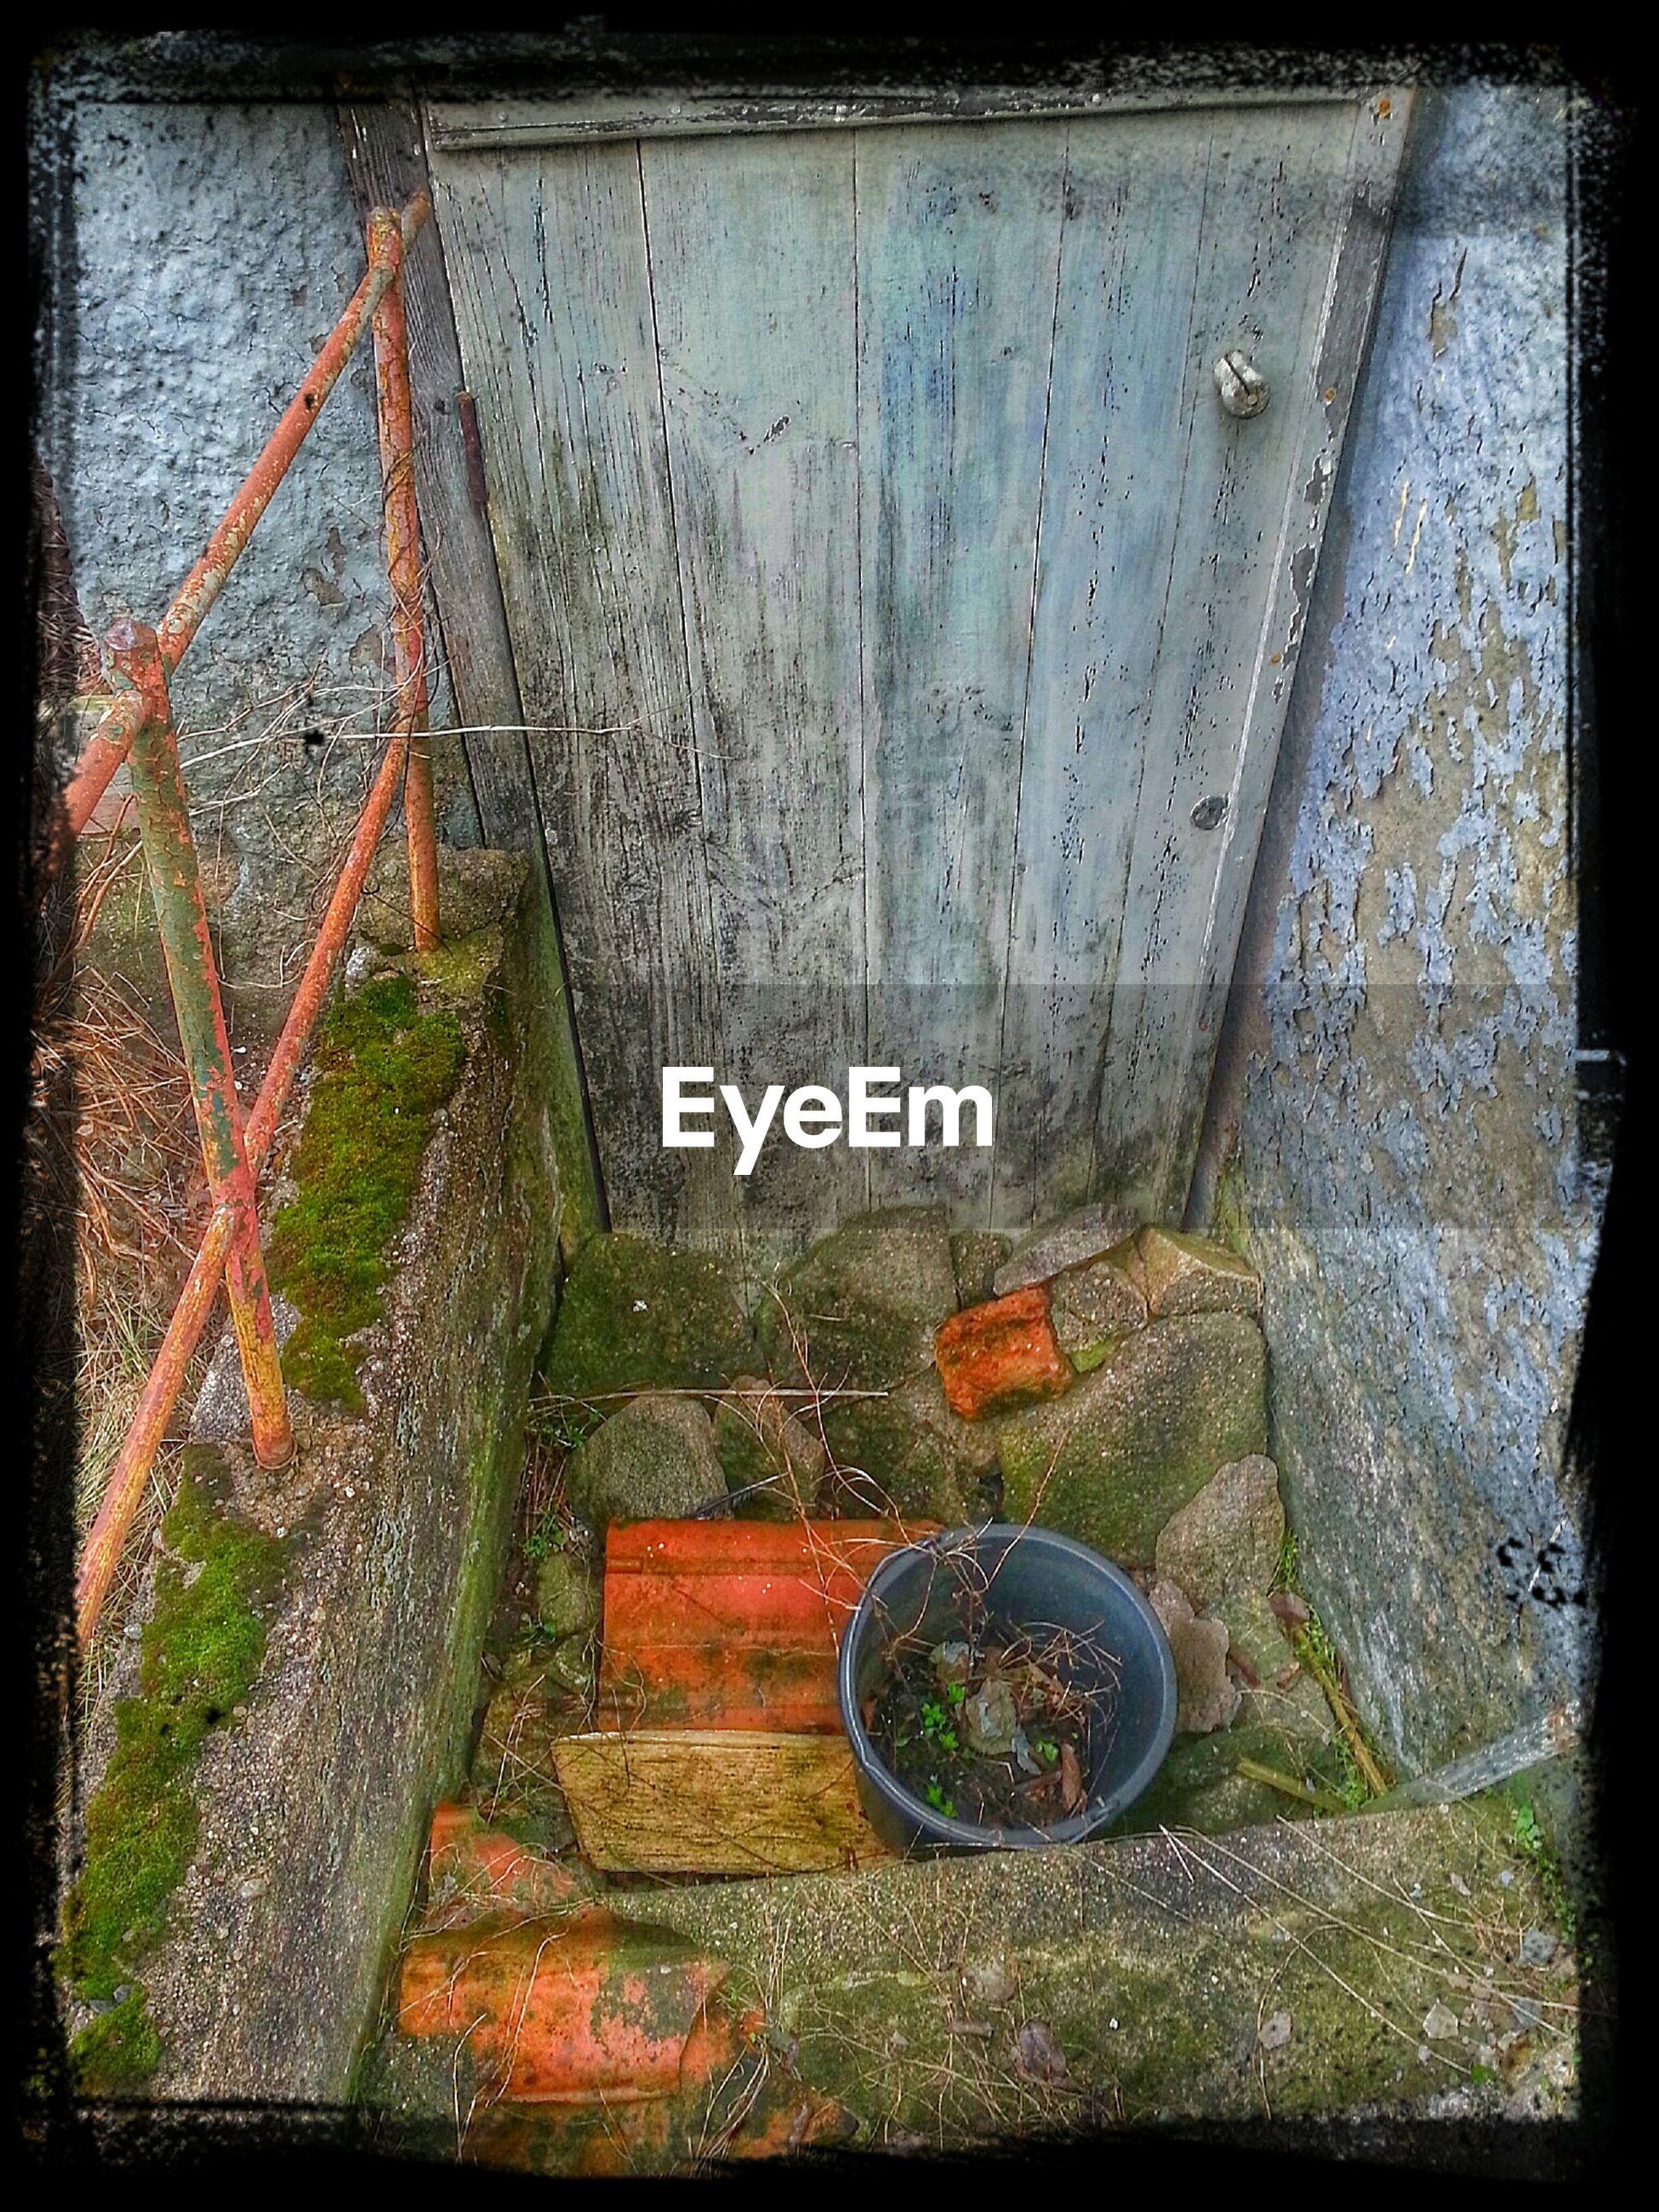 Bucket by door of old building